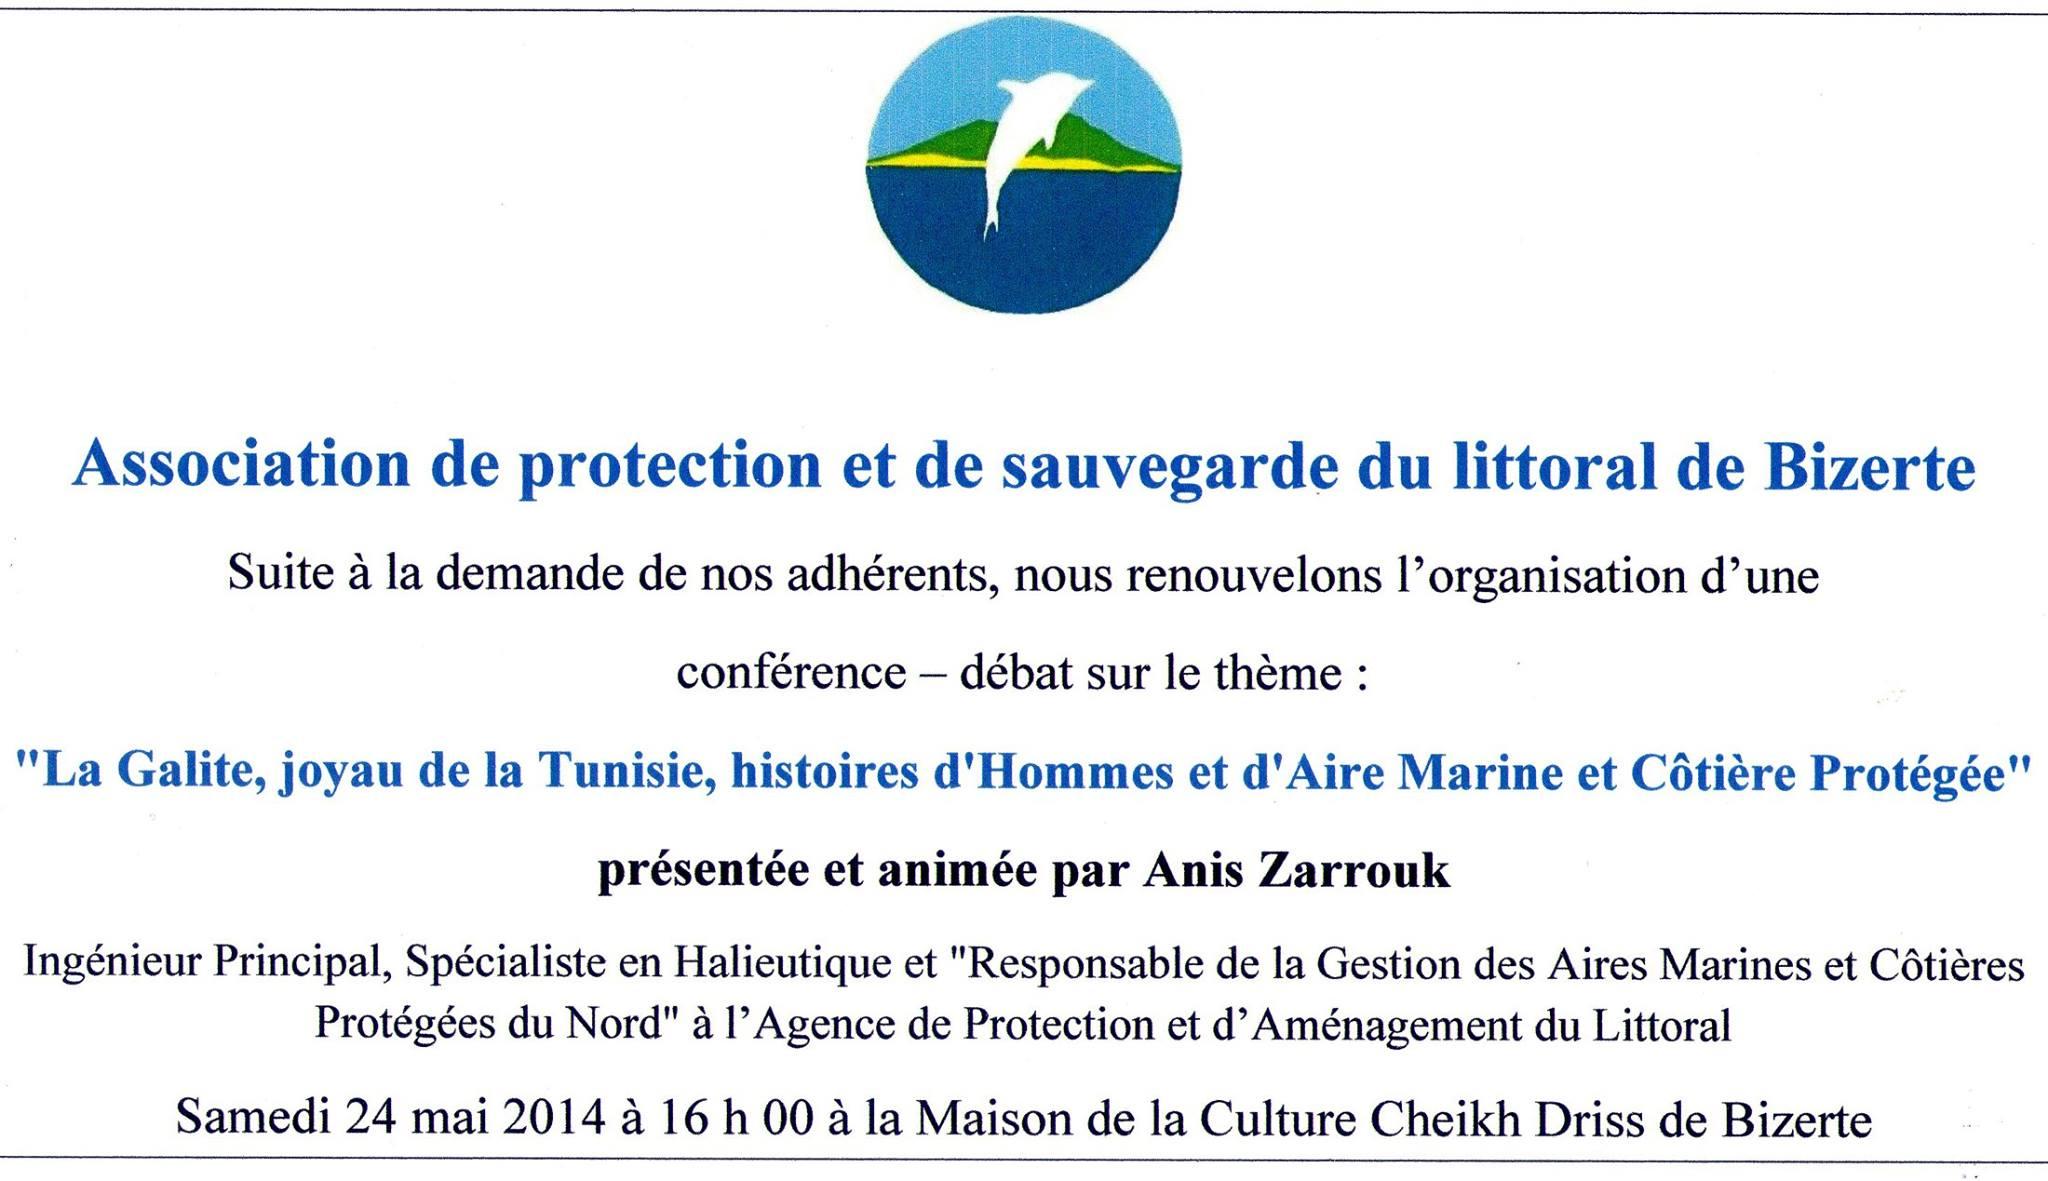 La Galite Joyau de la Tunisie 161